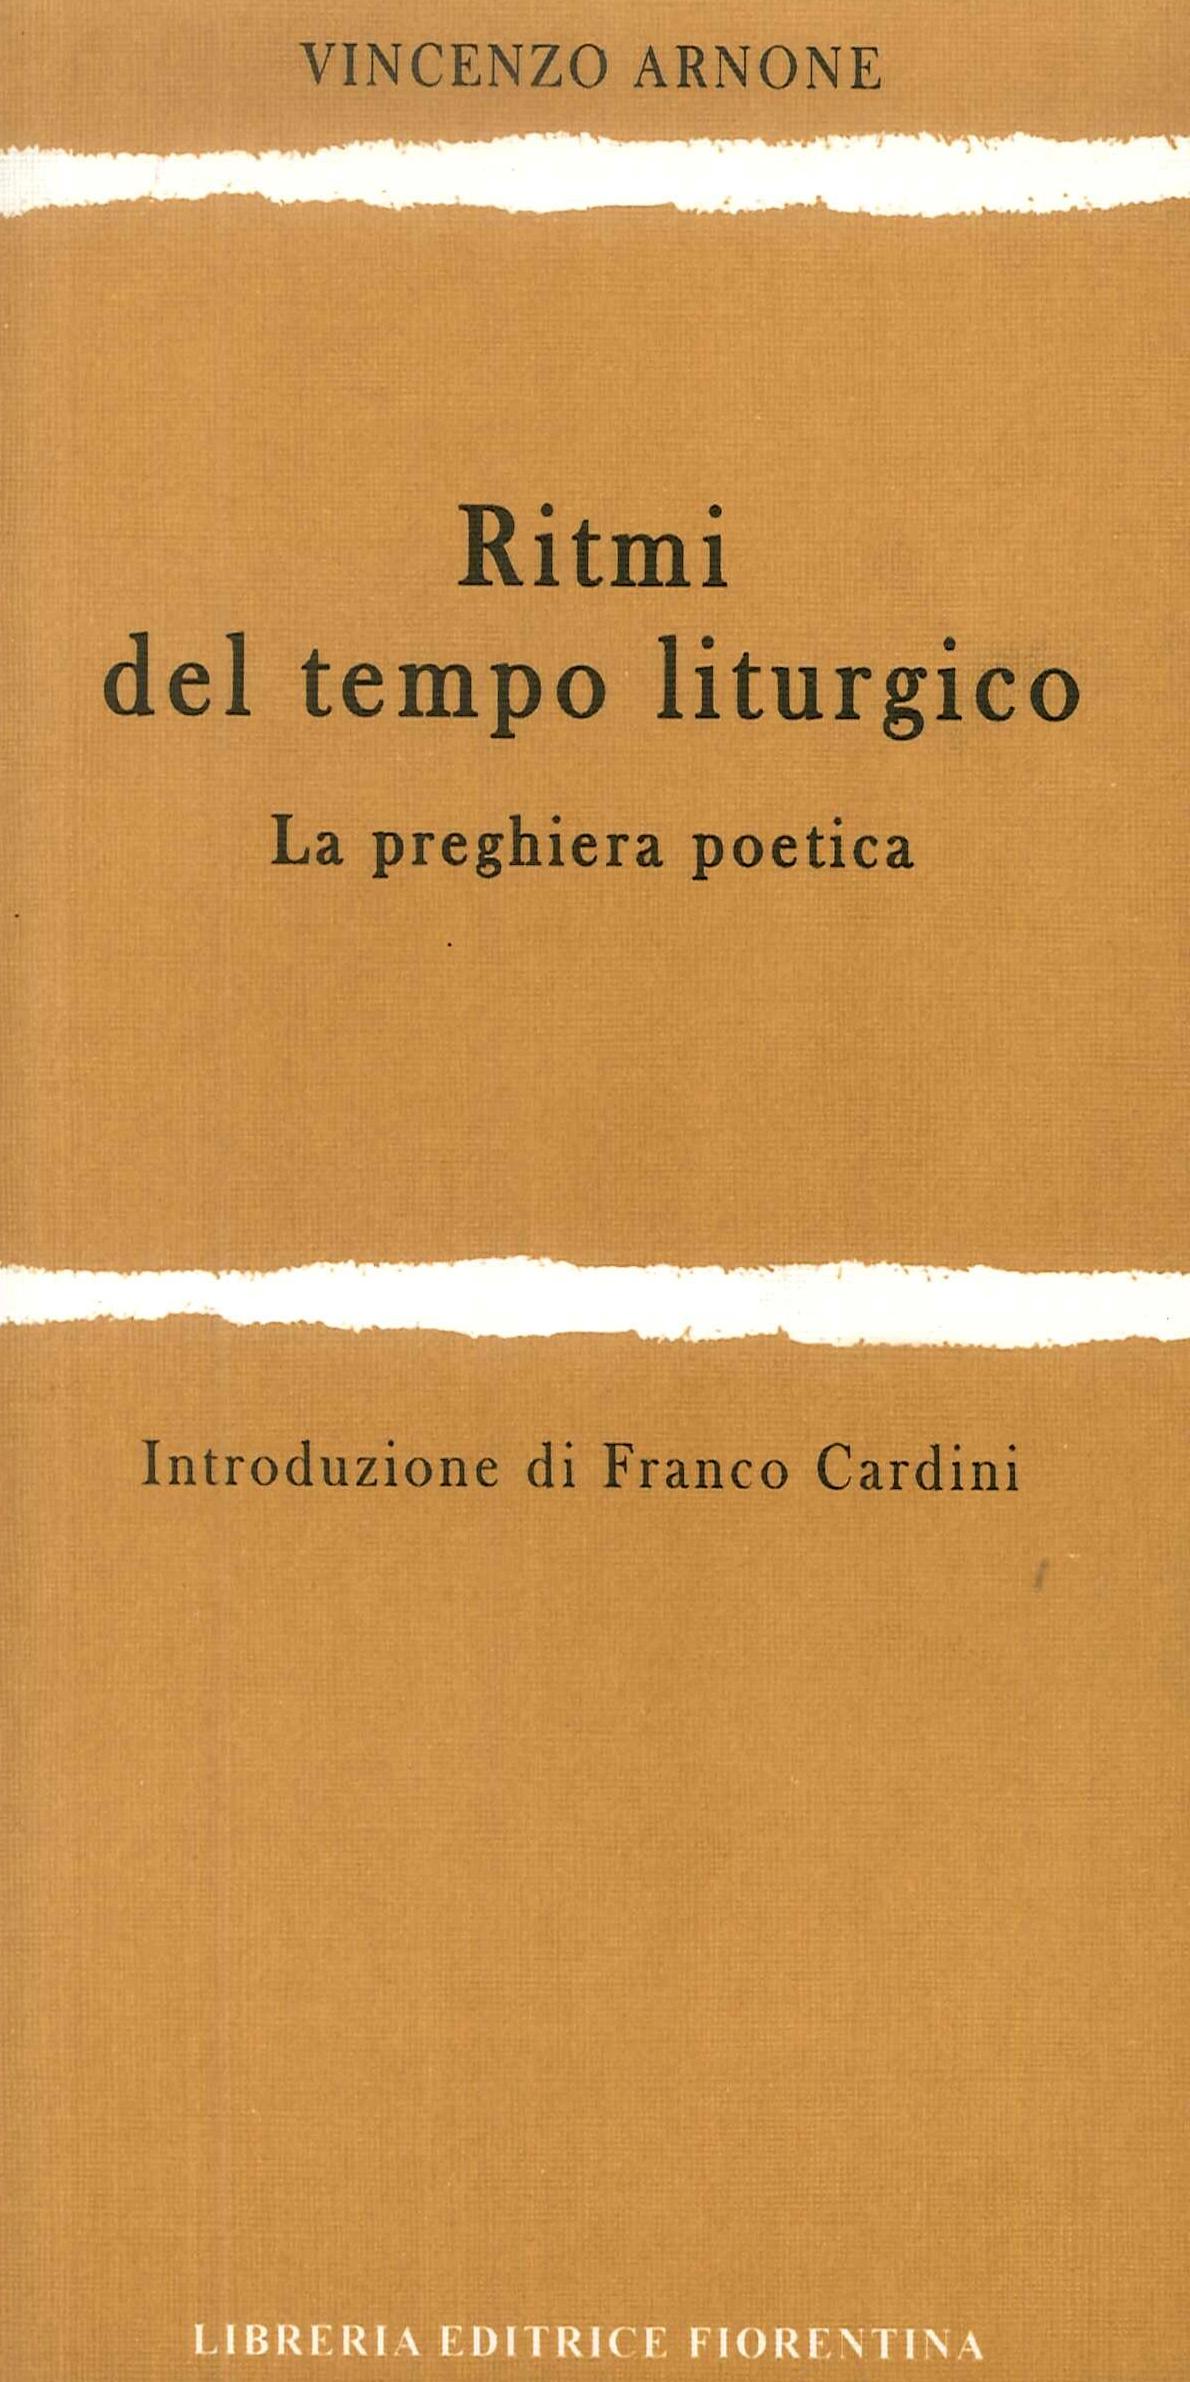 Ritmi del tempo liturgico. La preghiera poetica